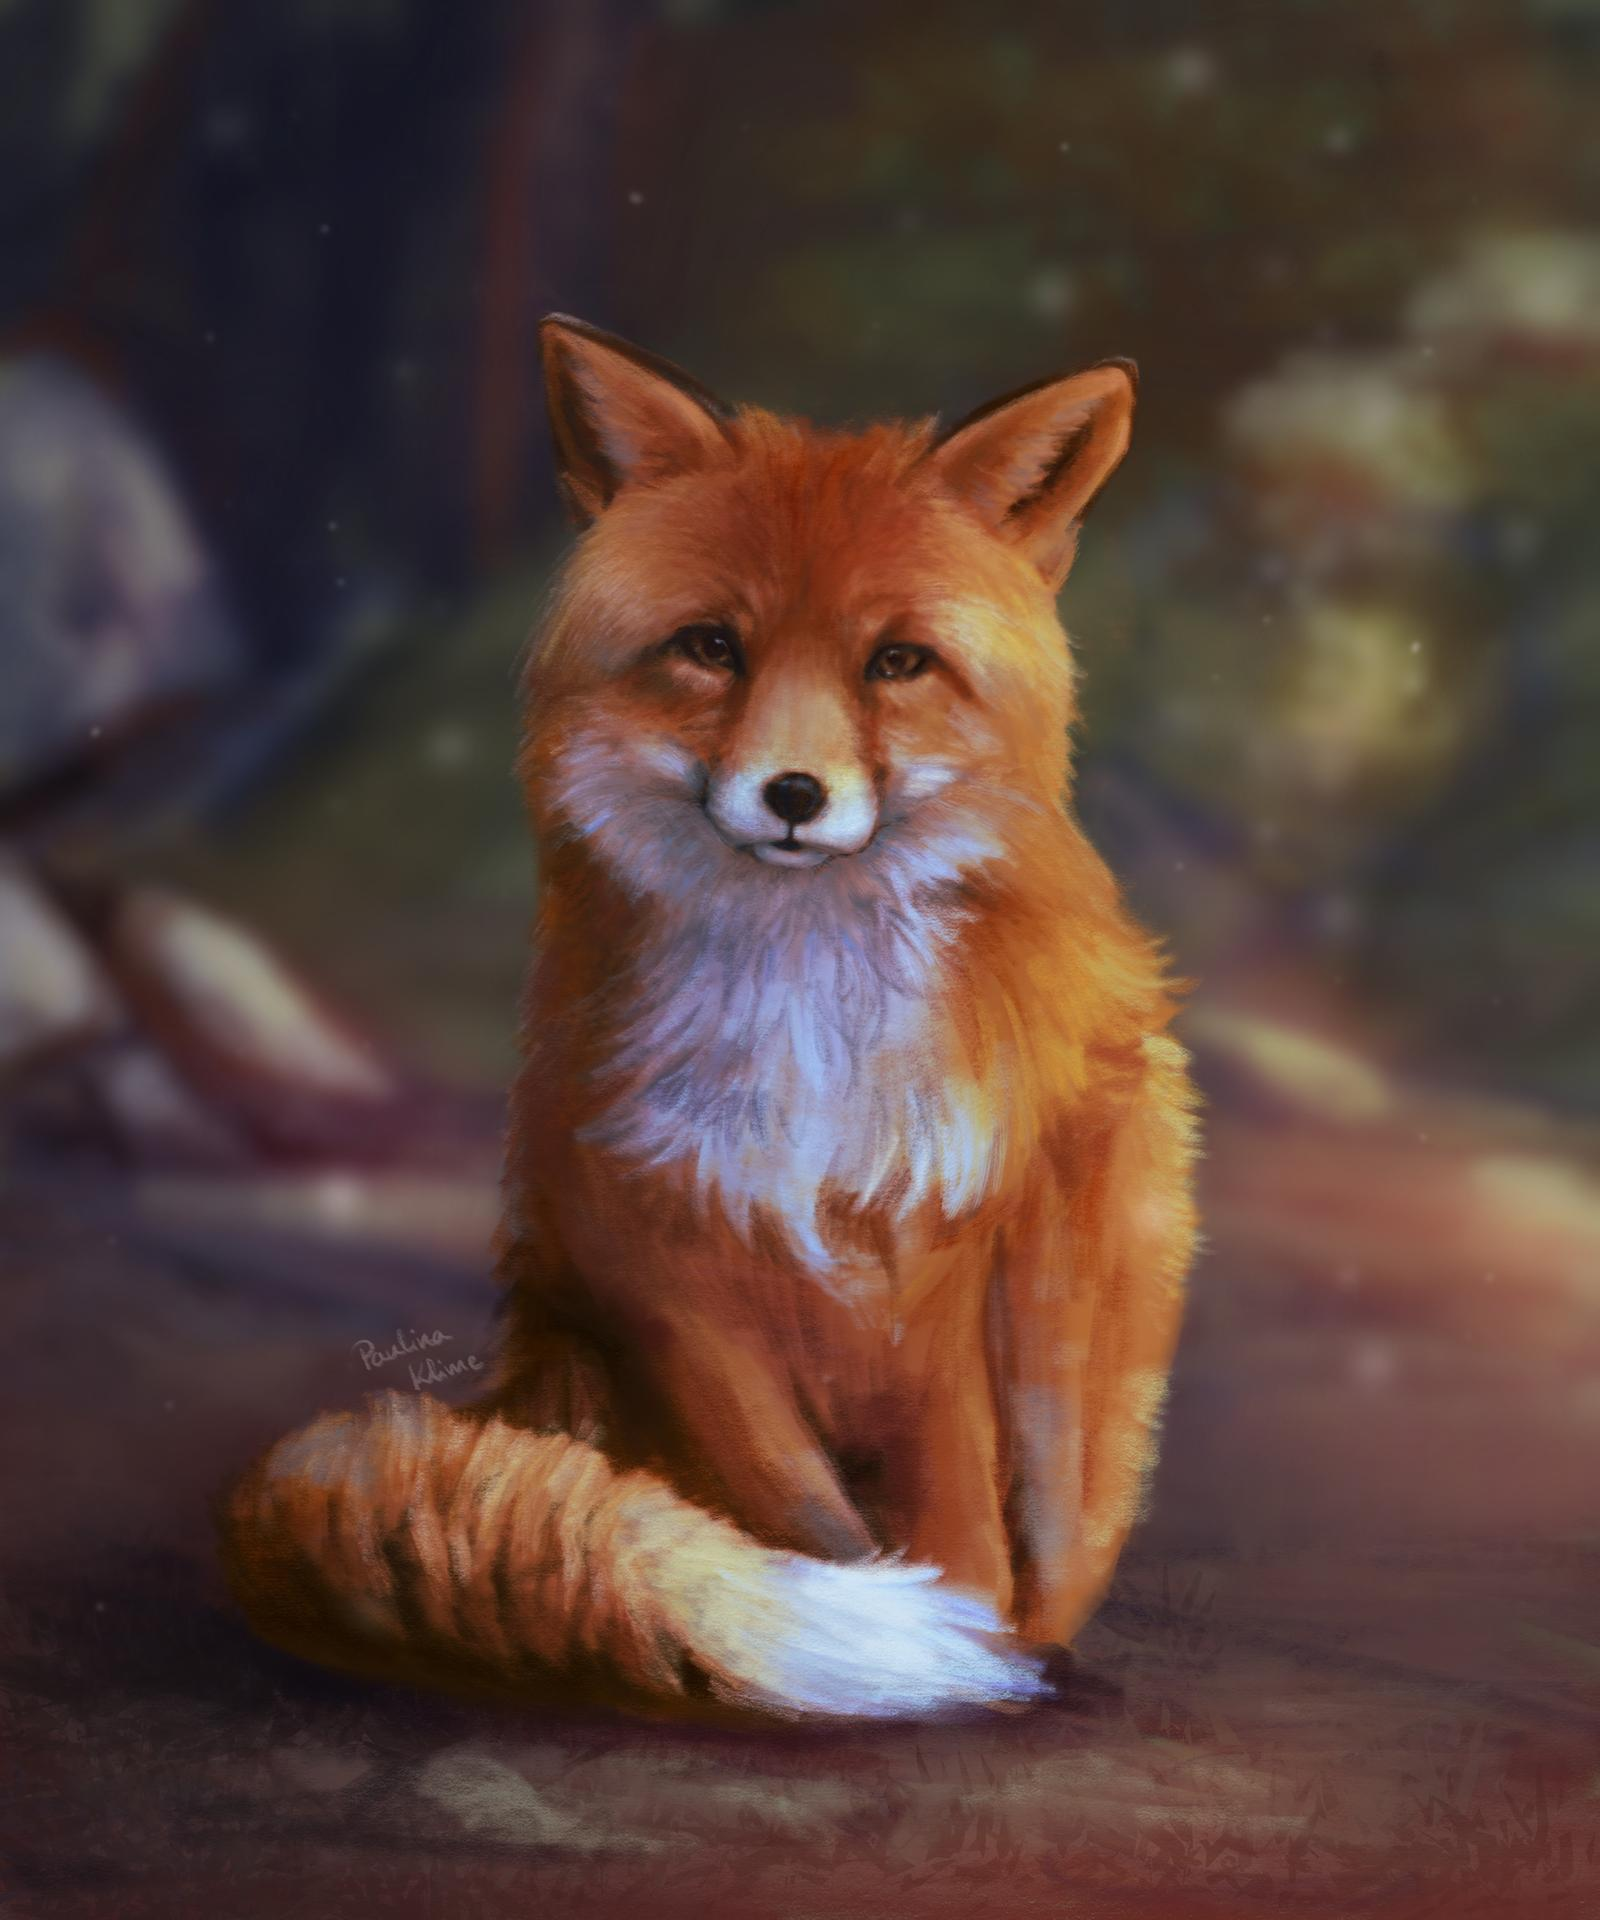 парочки занятием фото лиса для авы анонимно только